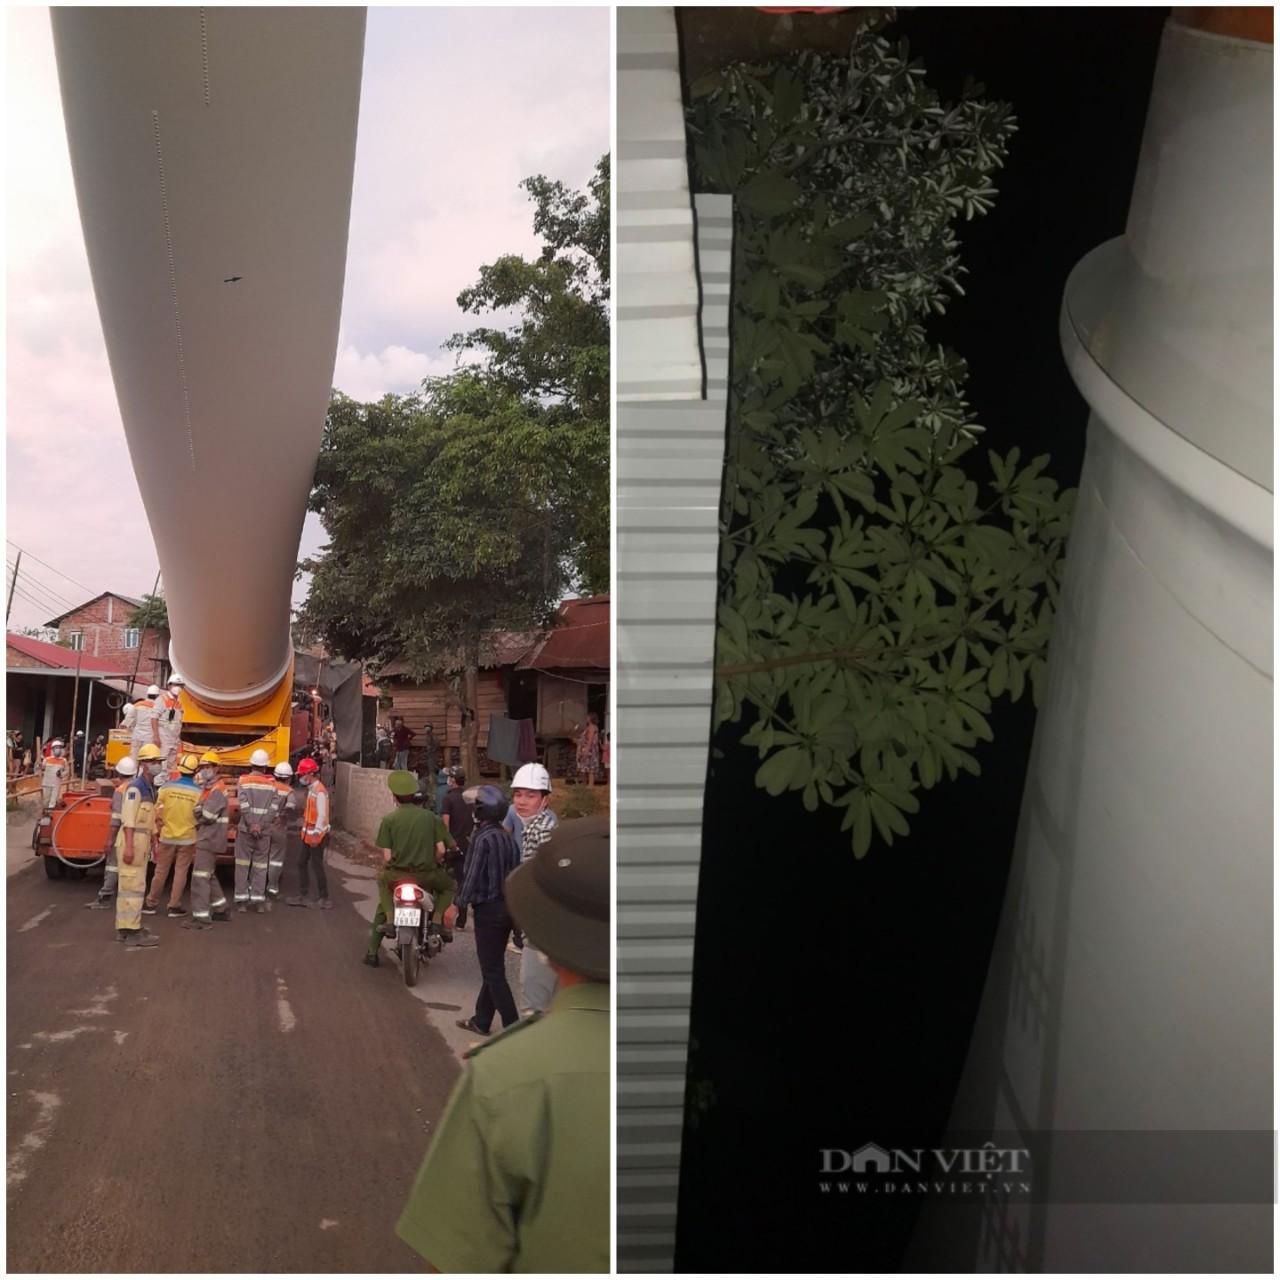 Quảng Trị: Người dân khu vực điện gió đánh nhiều công an nhập viện - Ảnh 1.